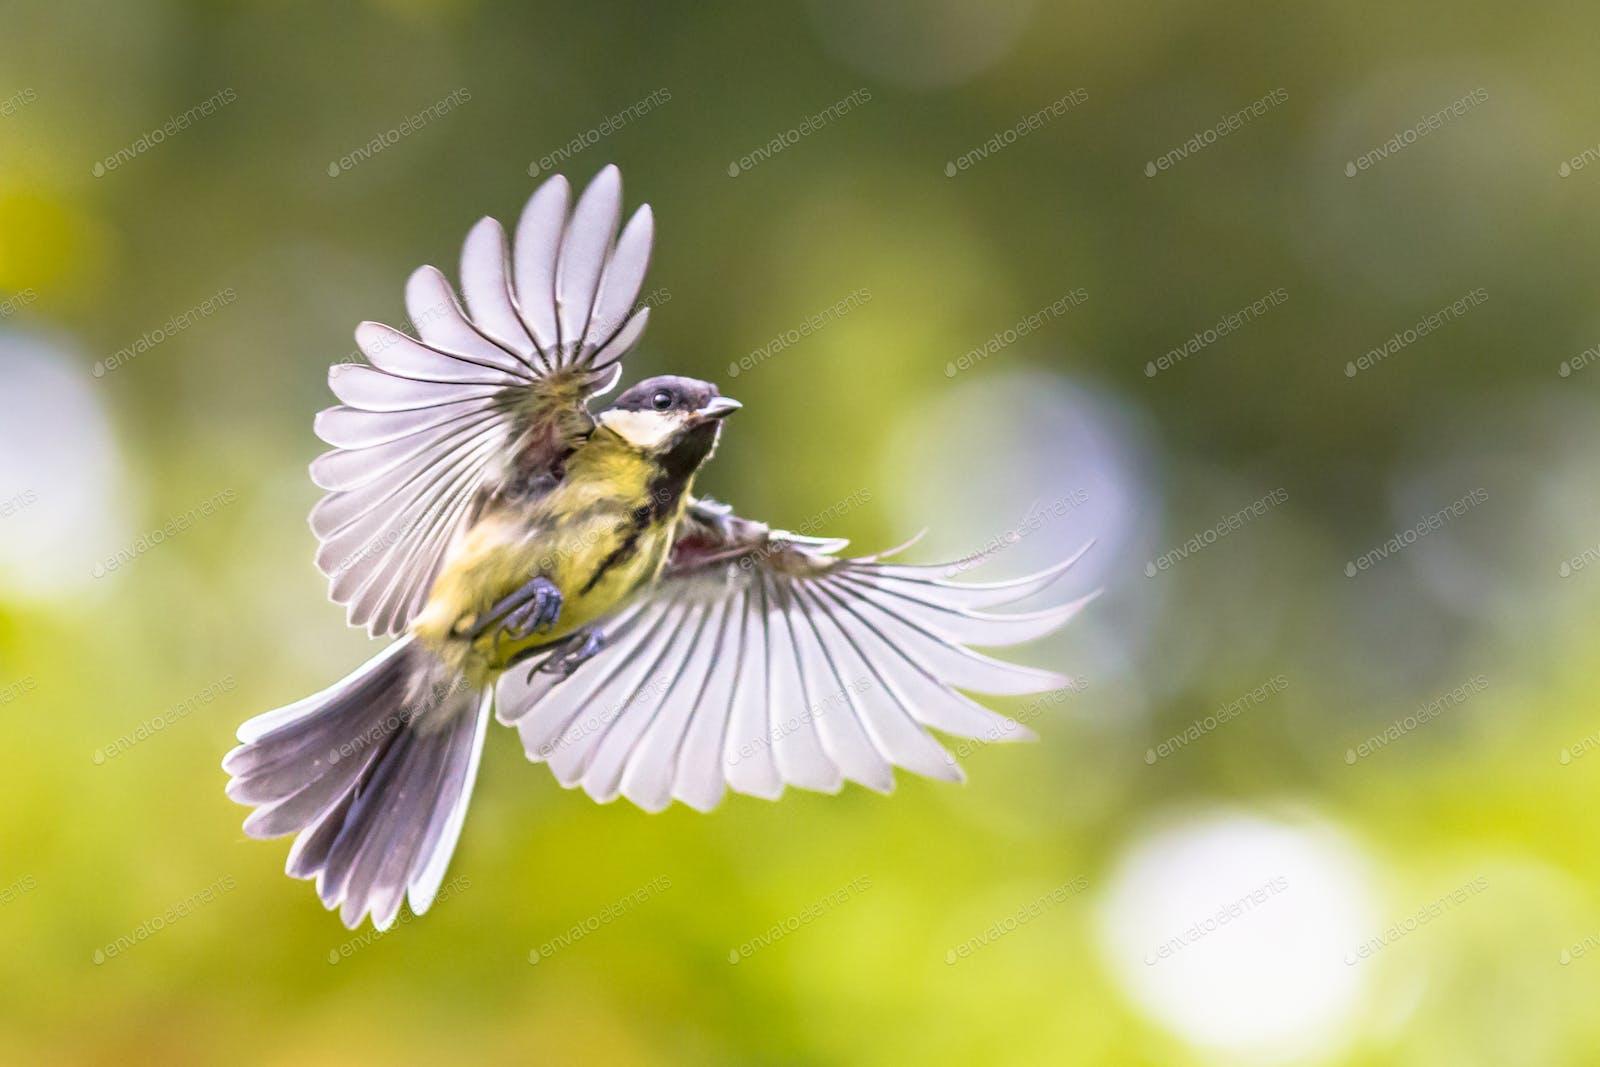 Bird In Flight On Green Garden Background Photo By